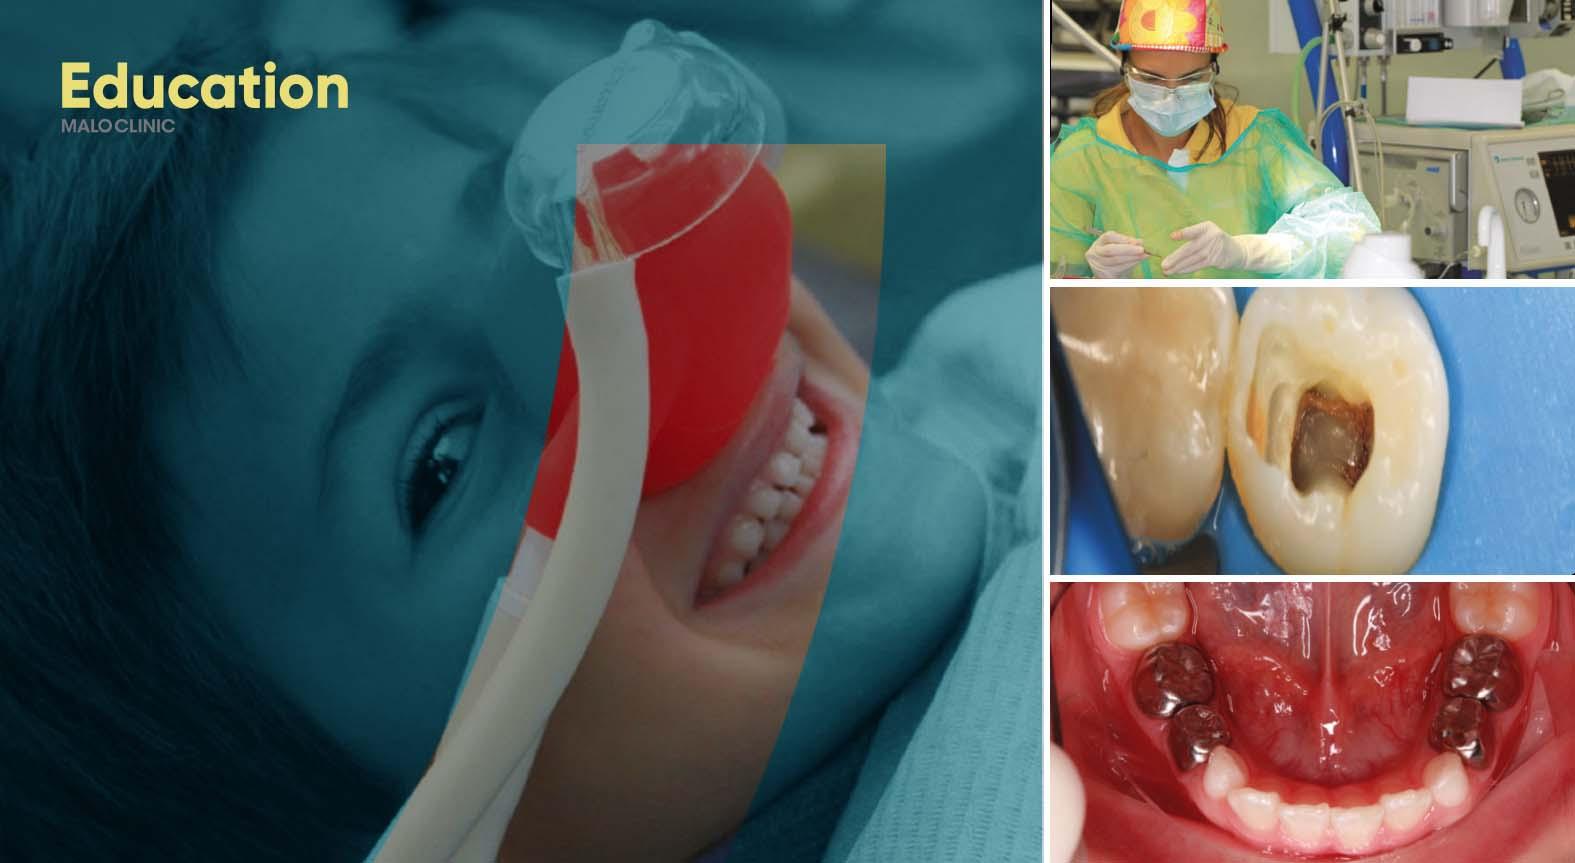 Curso Intensivo de Odontopediatria (Teórico + Prático)